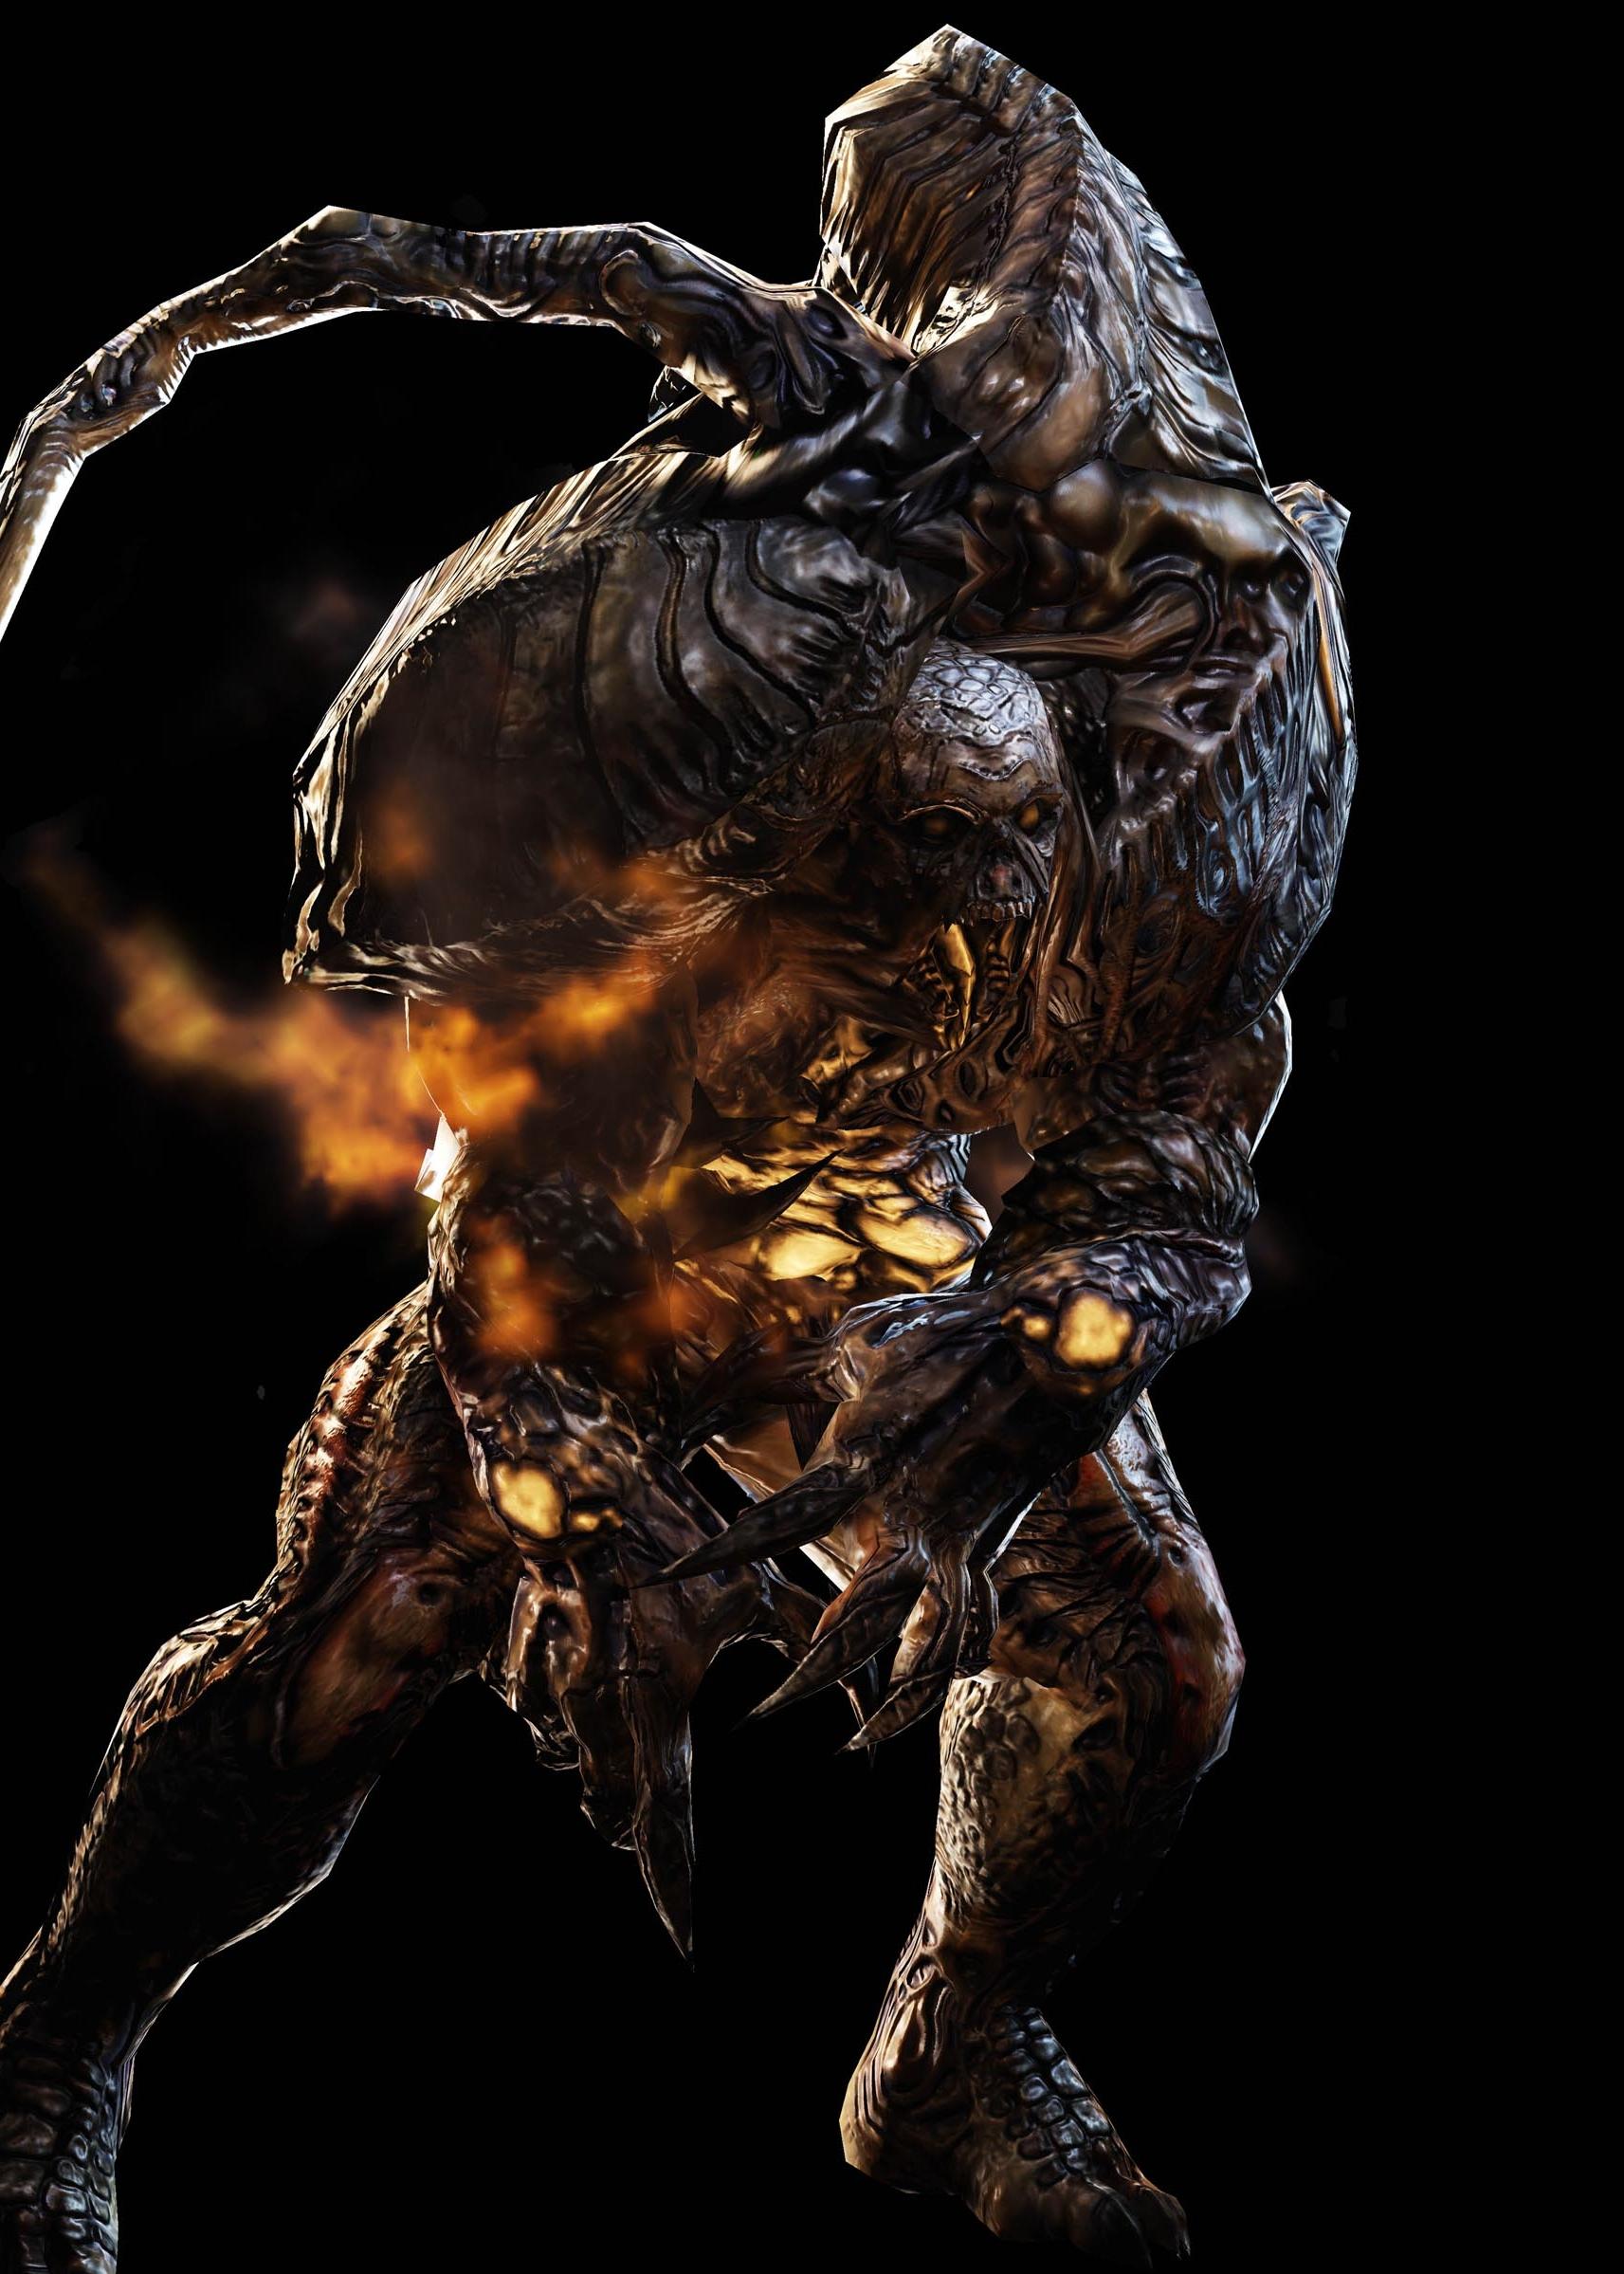 drudge lambent monster gears war locust gow wiki monsters creatures weapons wikia